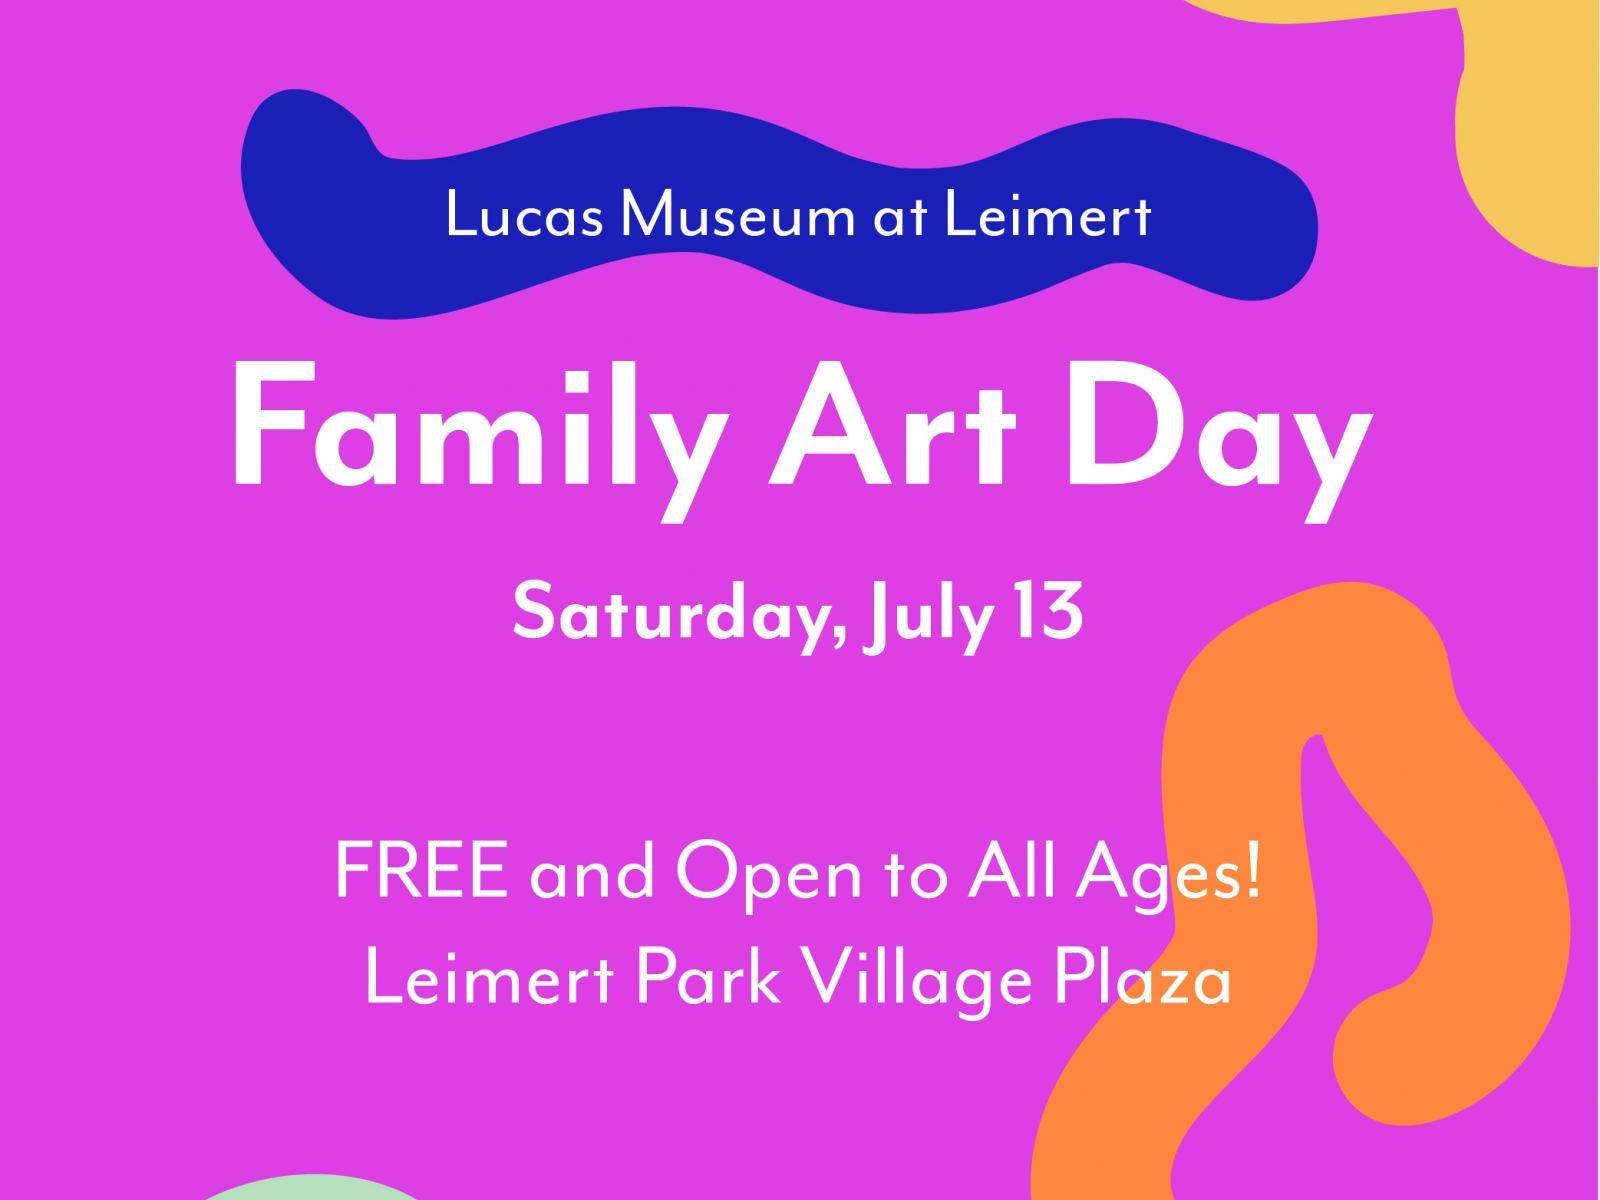 Lucas Museum at Leimert - Family Art Day